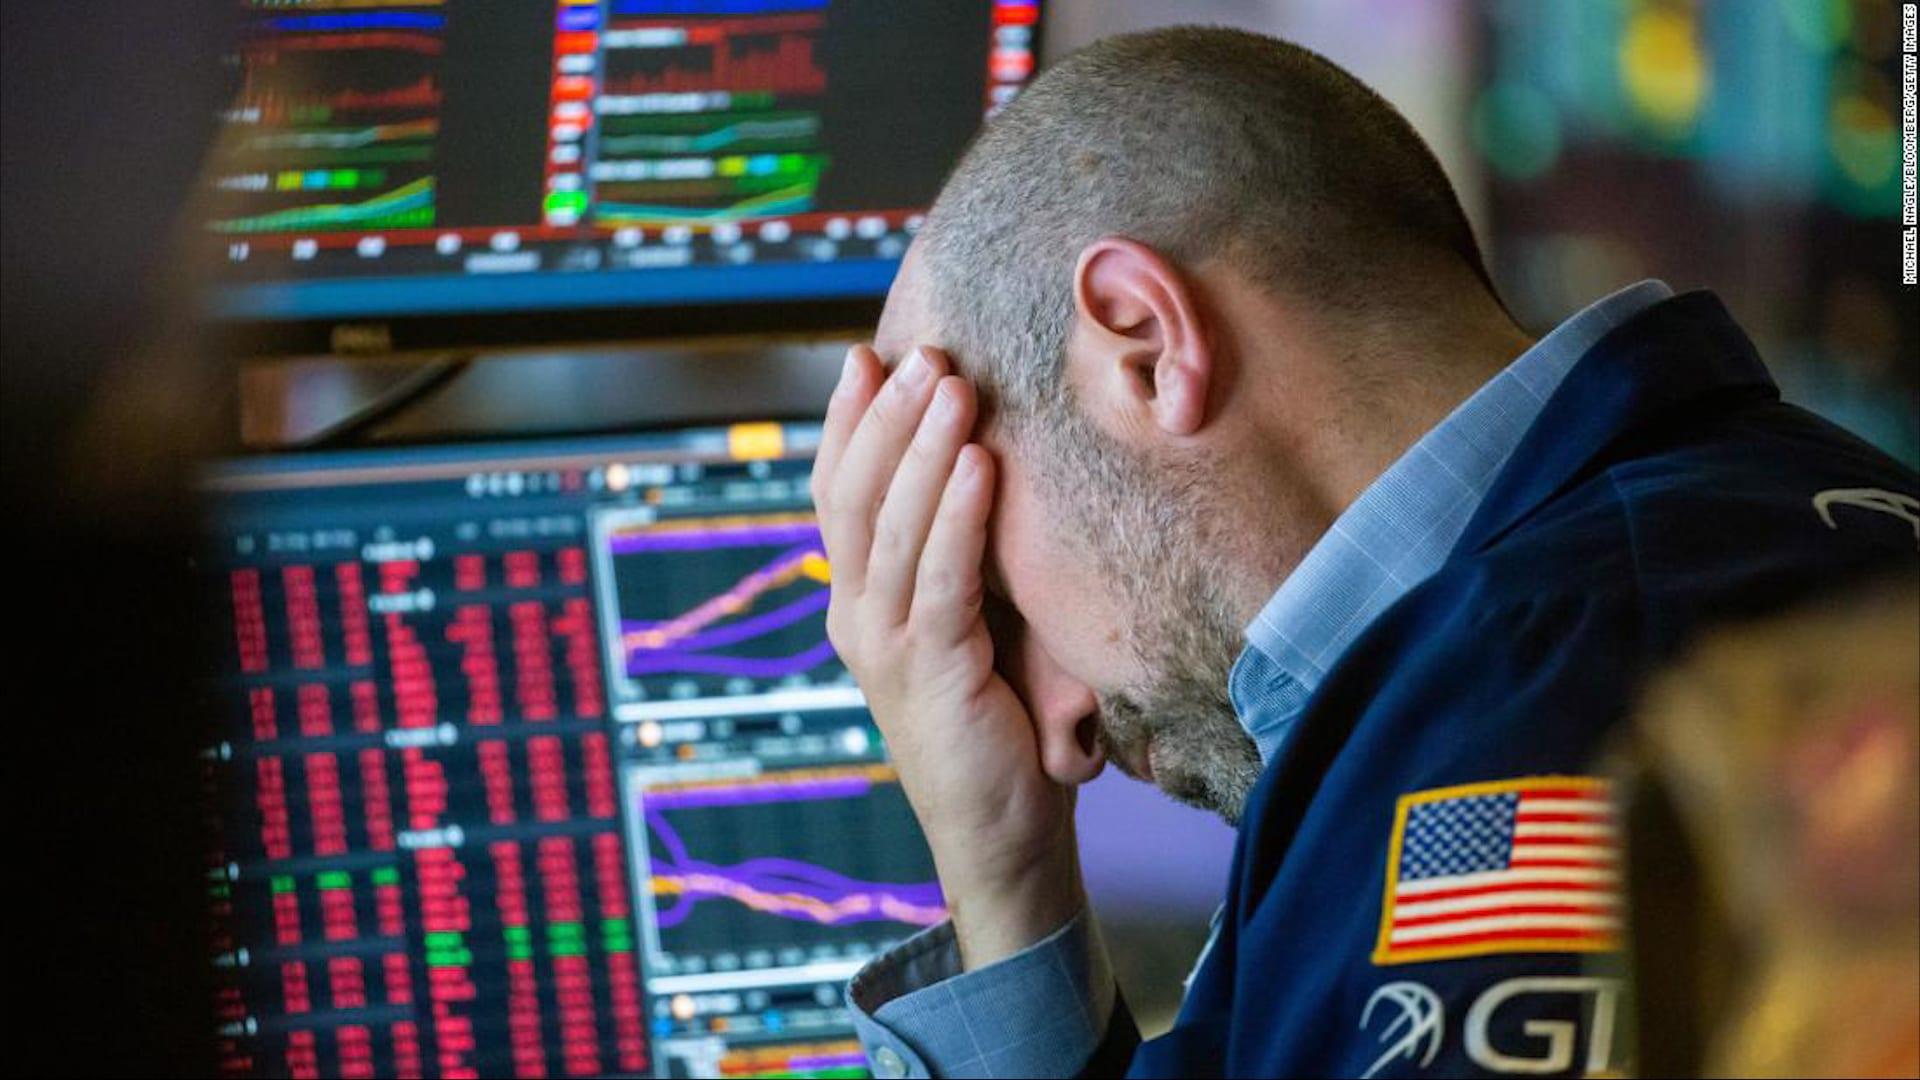 تهدد اقتصاد العالم.. لماذا بدأ المستثمرون بالتركيز على هذه الشركة؟